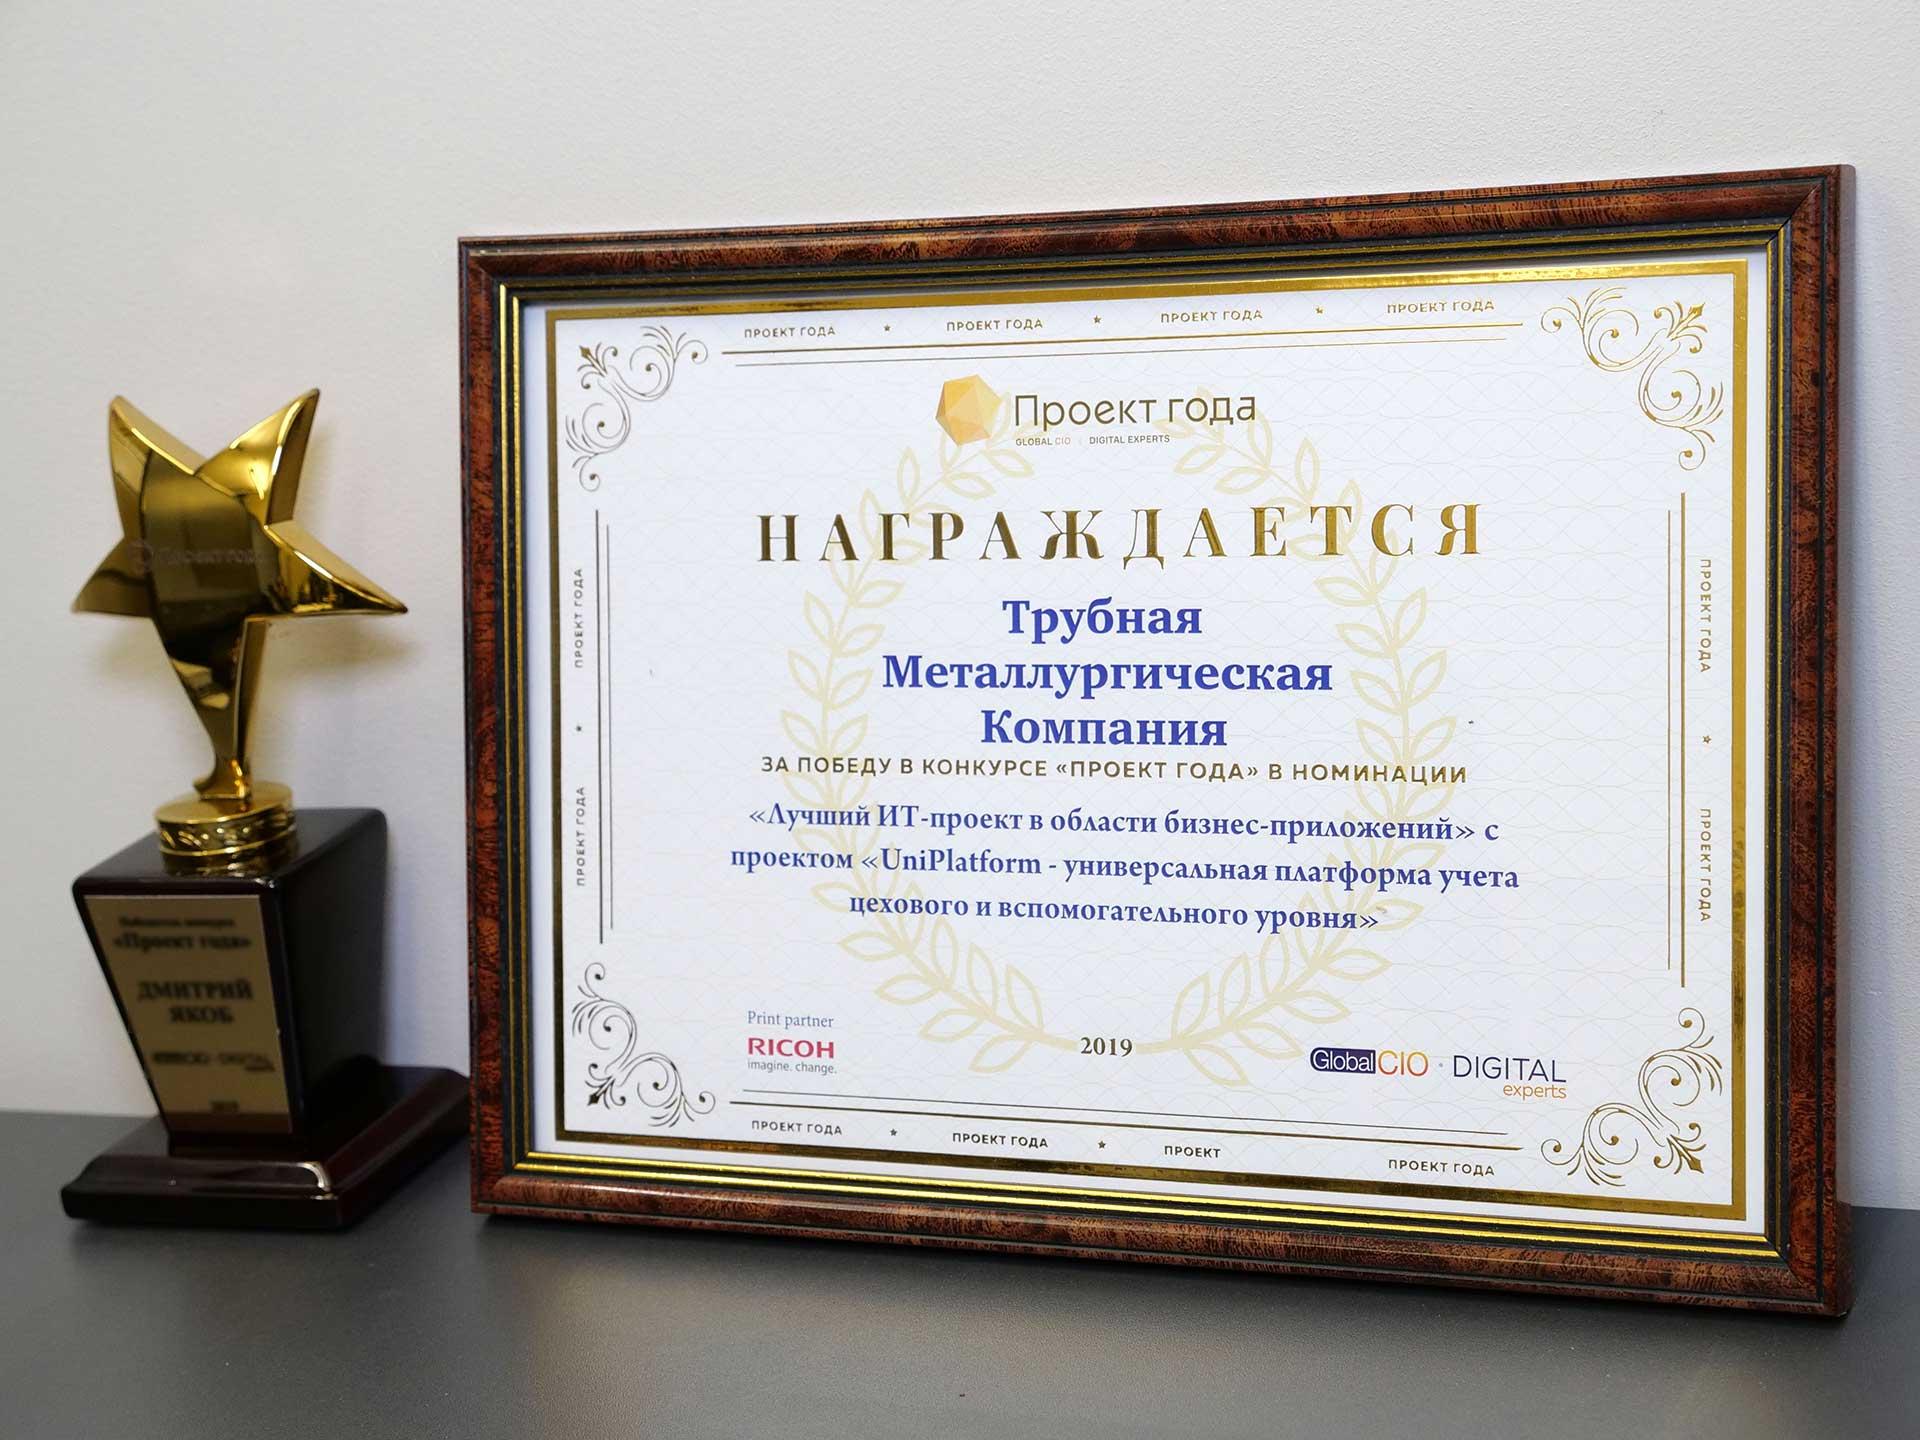 UNIPLATFORM ТМК стала «проектом года» по версии сообщества GLOBALCIO|DIGITALEXPERTS